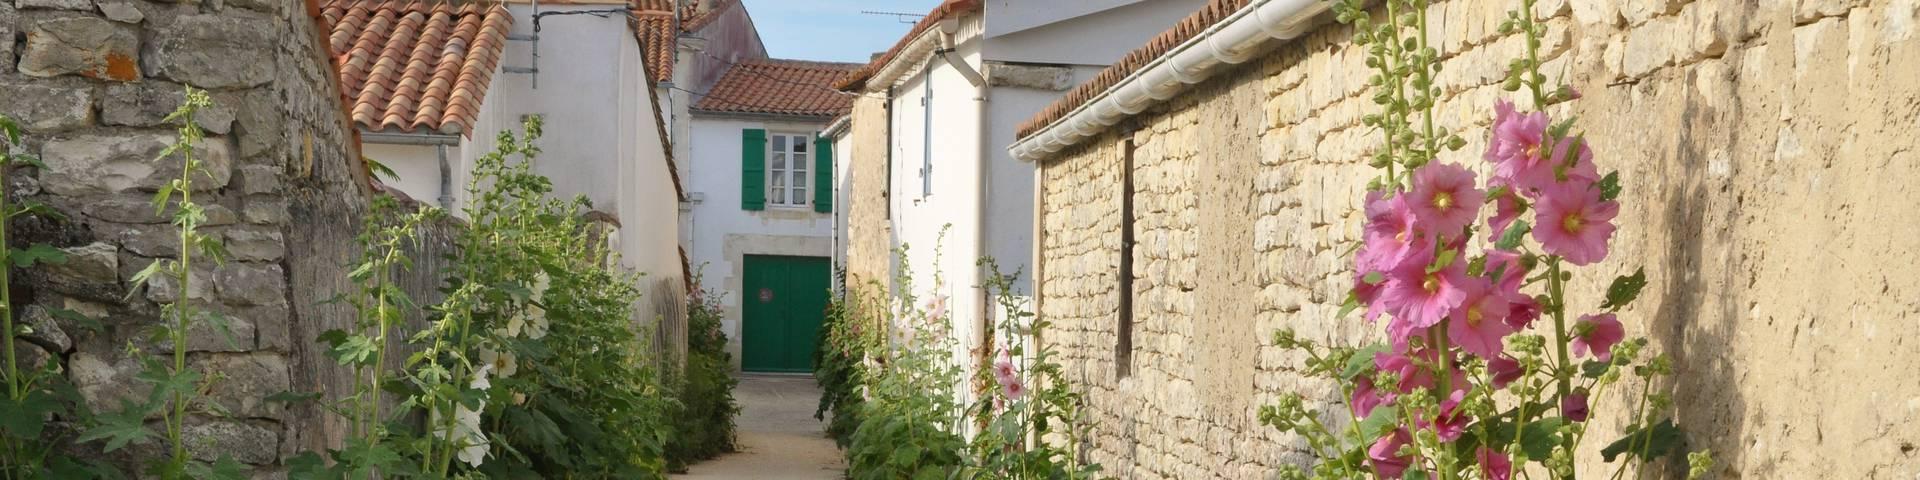 Guesthouses at Le Bois-Plage-en-Ré